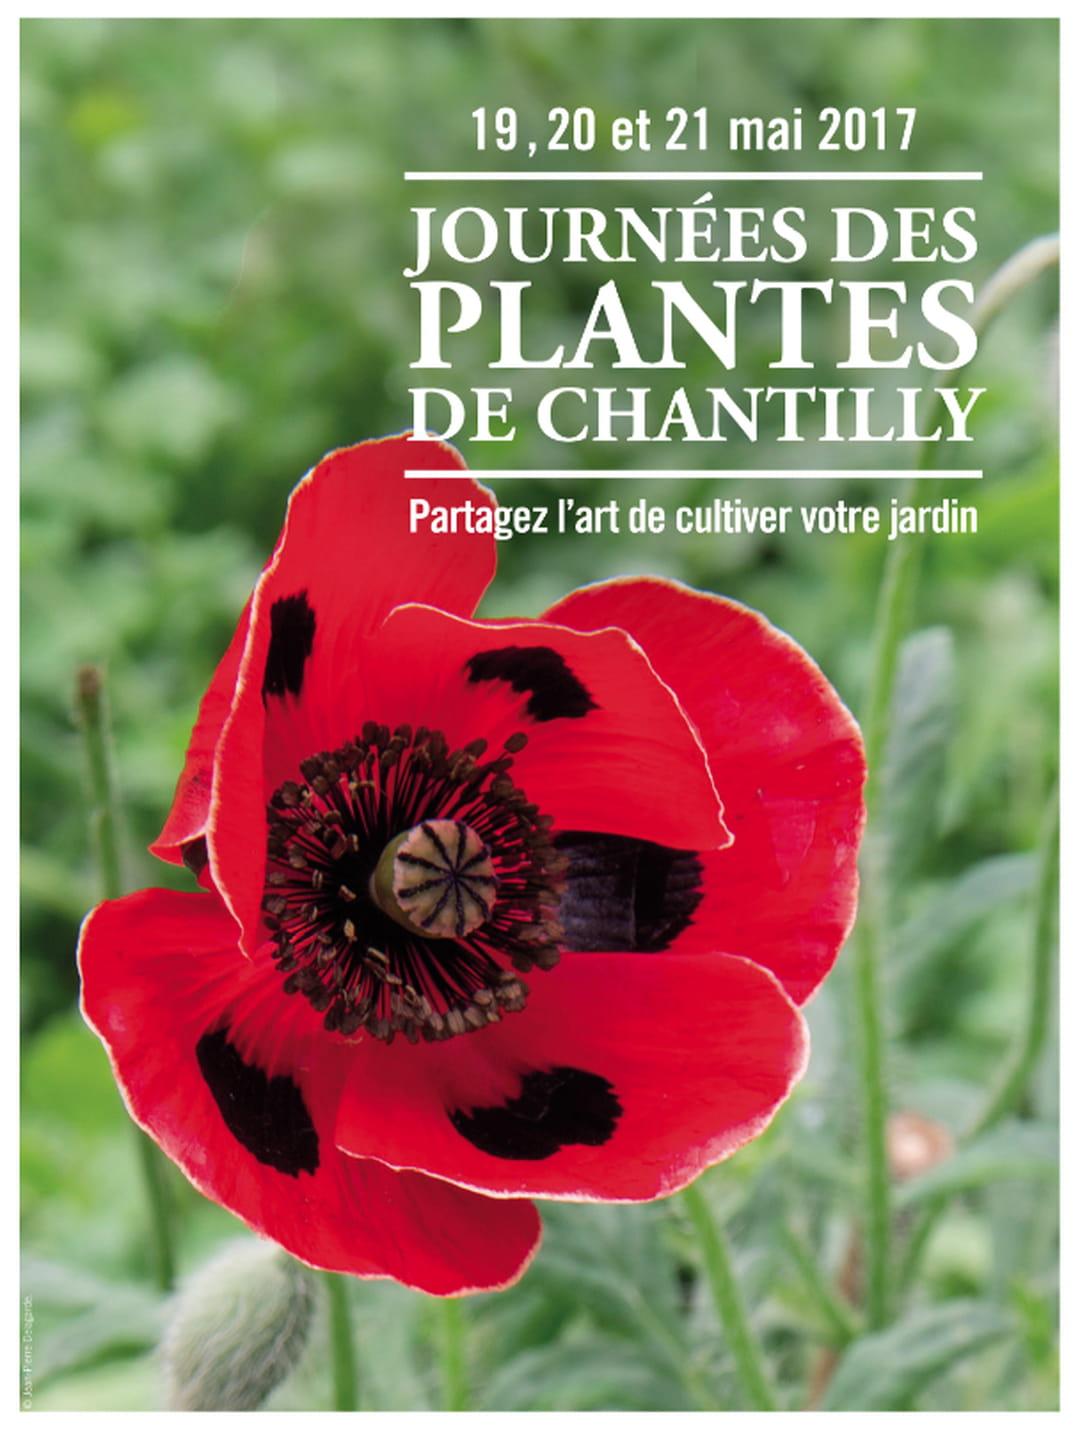 Les v nements jardin de mai 2017 - Journee des plantes chantilly ...